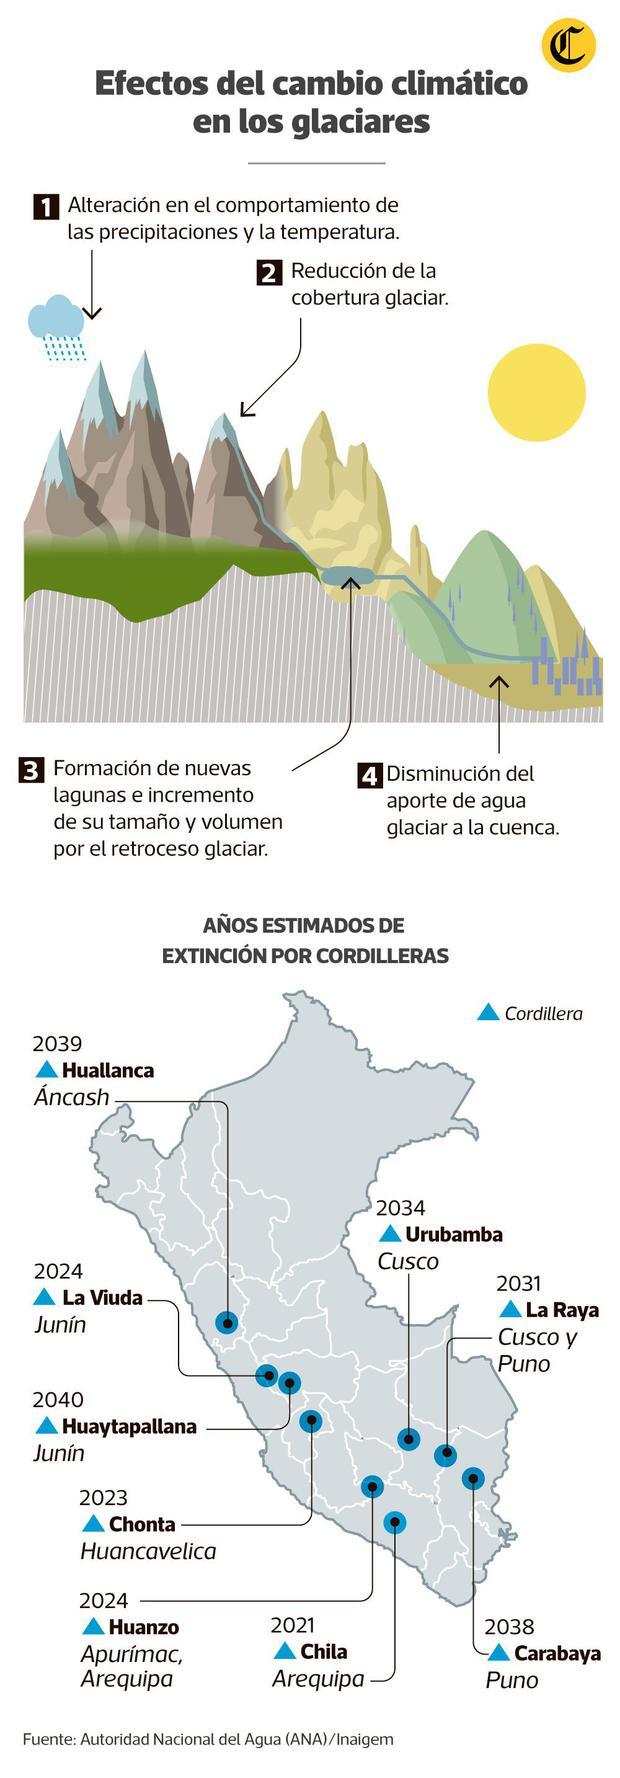 Gli effetti del cambiamento climatico sui ghiacciai (Infografica: Antonio Tarazona)